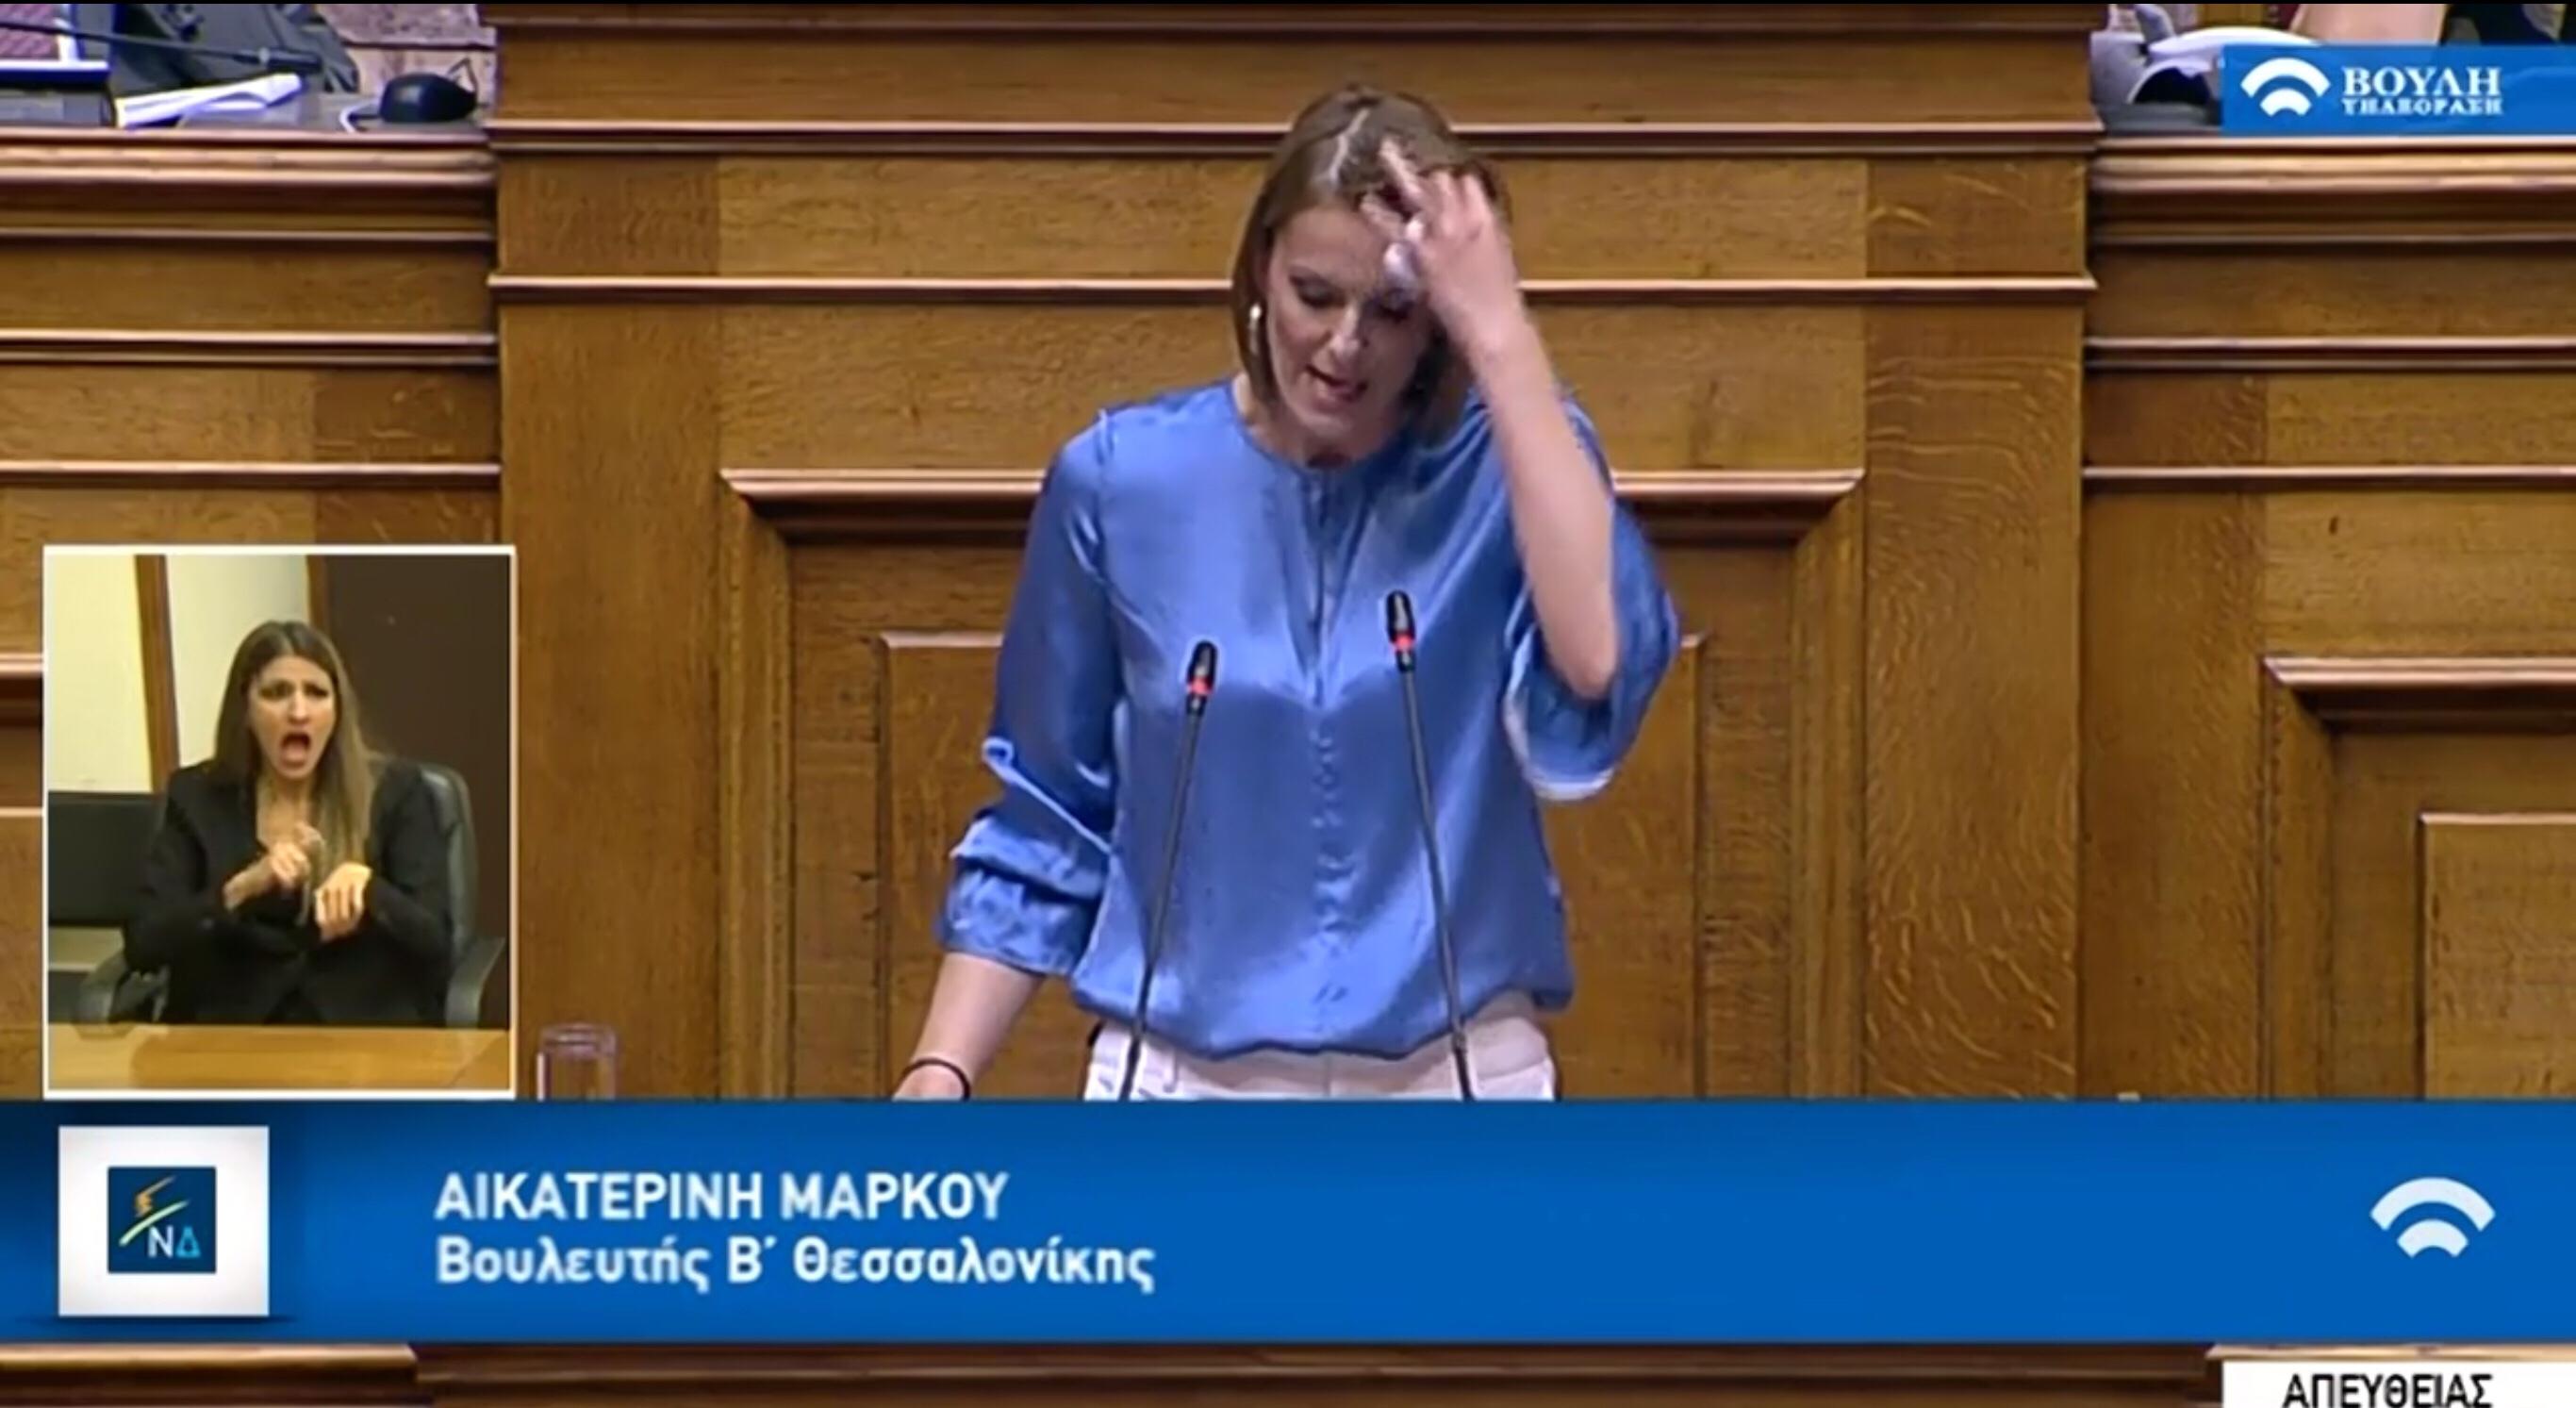 ΡΑΓΔΑΙΕΣ ΕΞΕΛΙΞΕΙΣ στη βουλη! Η Κατερίνα Μάρκου τίναξε στον αέρα την προταση μομφής του Μητσοτακη! Αποκάλυψε οτι η ΝΔ θα ψηφίσει την συμφωνία με τα Σκοπια! #vouli